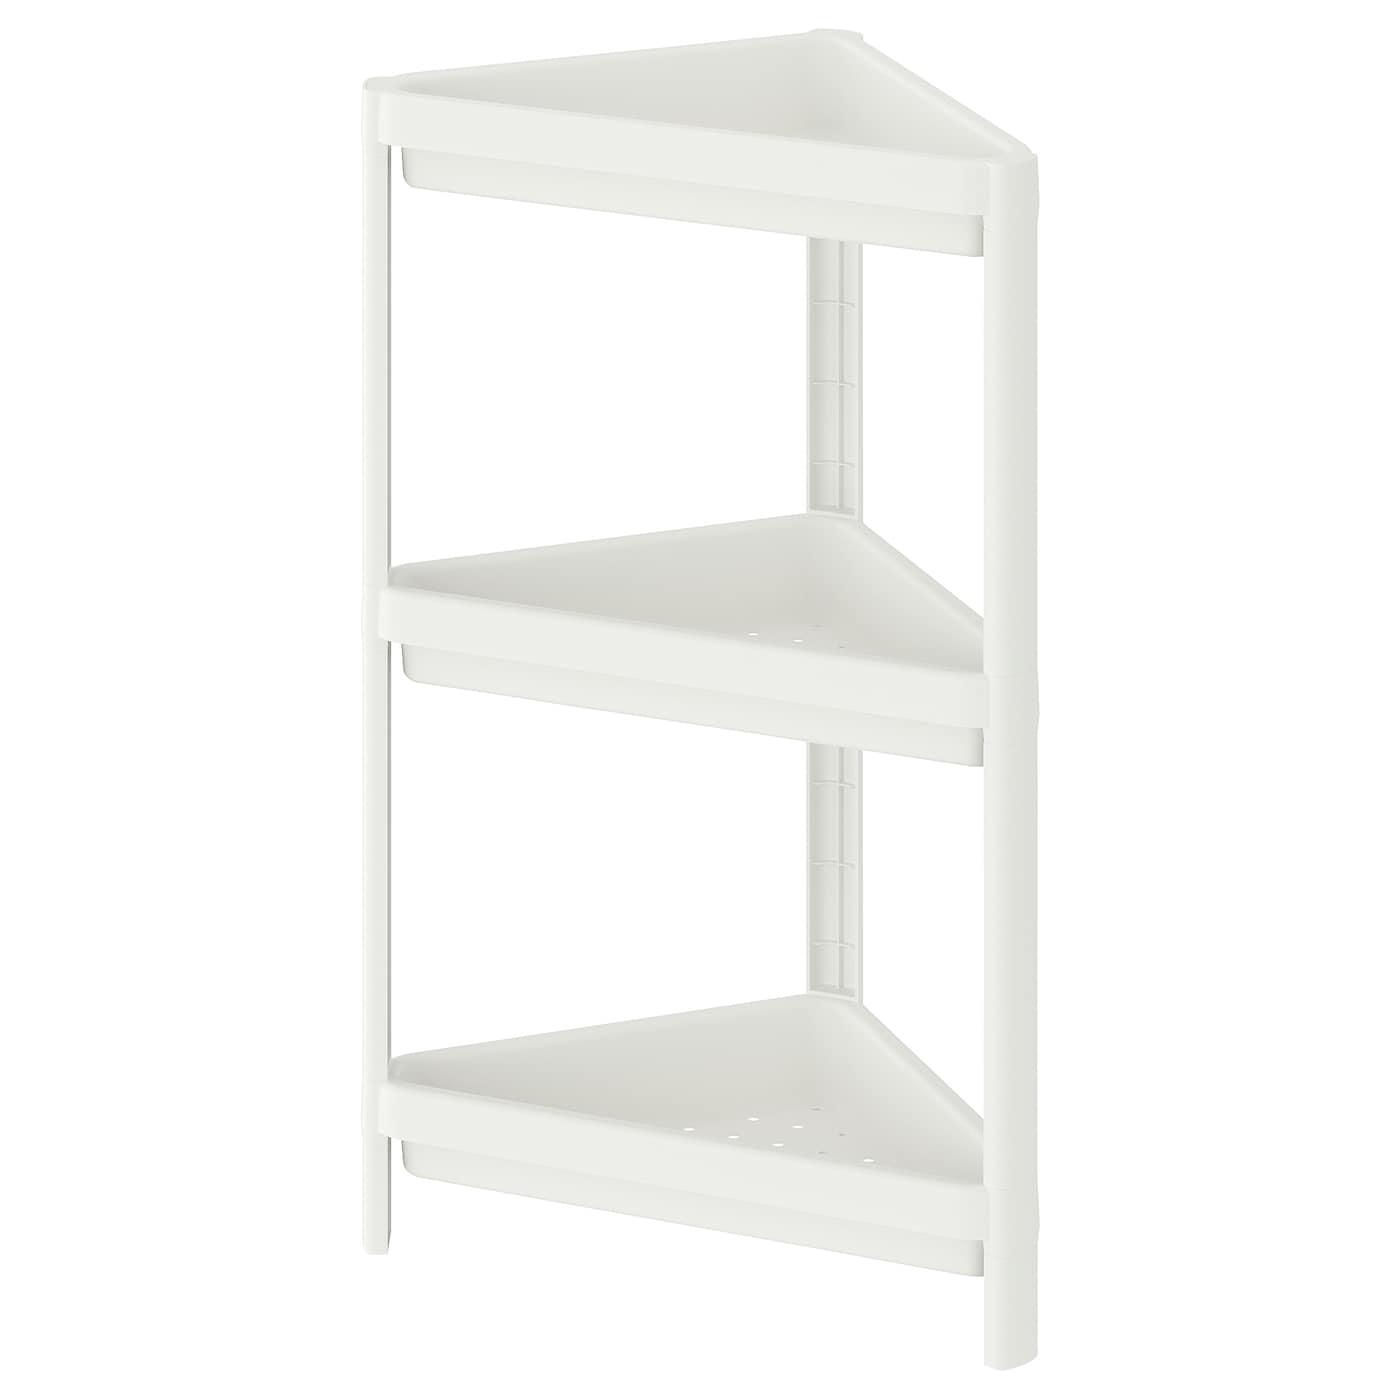 VESKEN Eckregal   weiß 20x20x20 cm